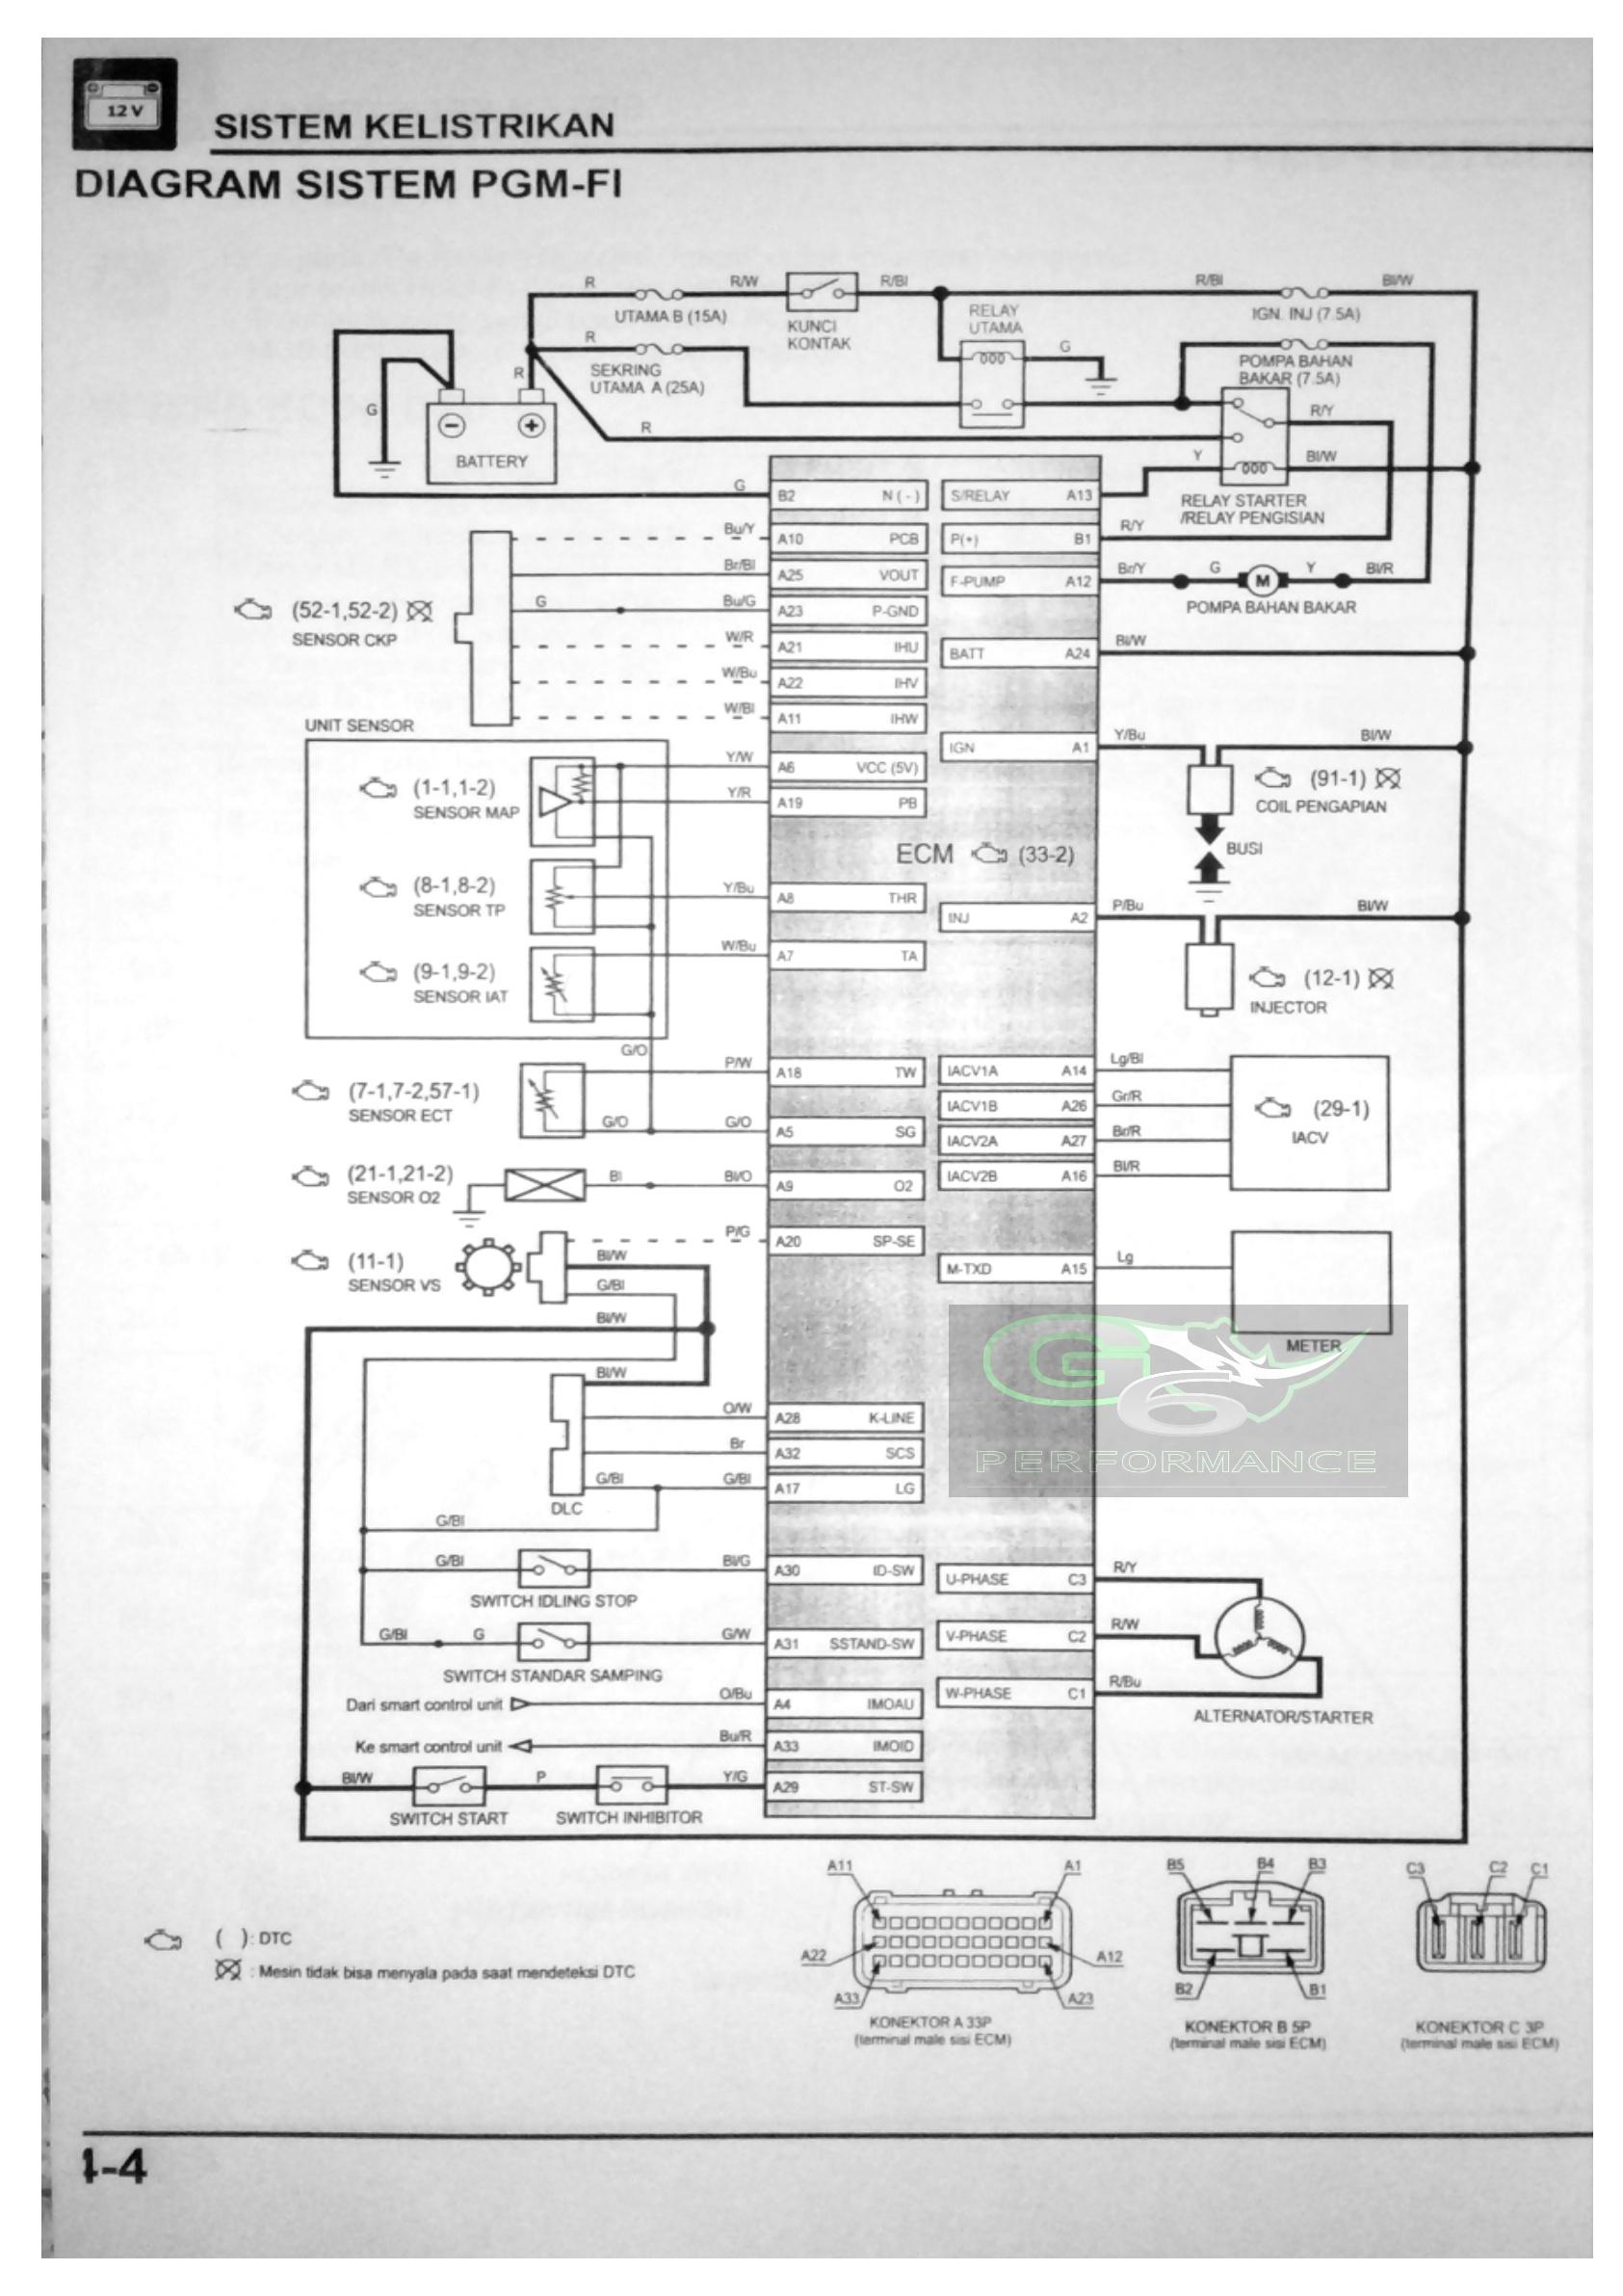 medium resolution of honda bf225 wiring diagram wiring diagram pass honda bf225 wiring diagram